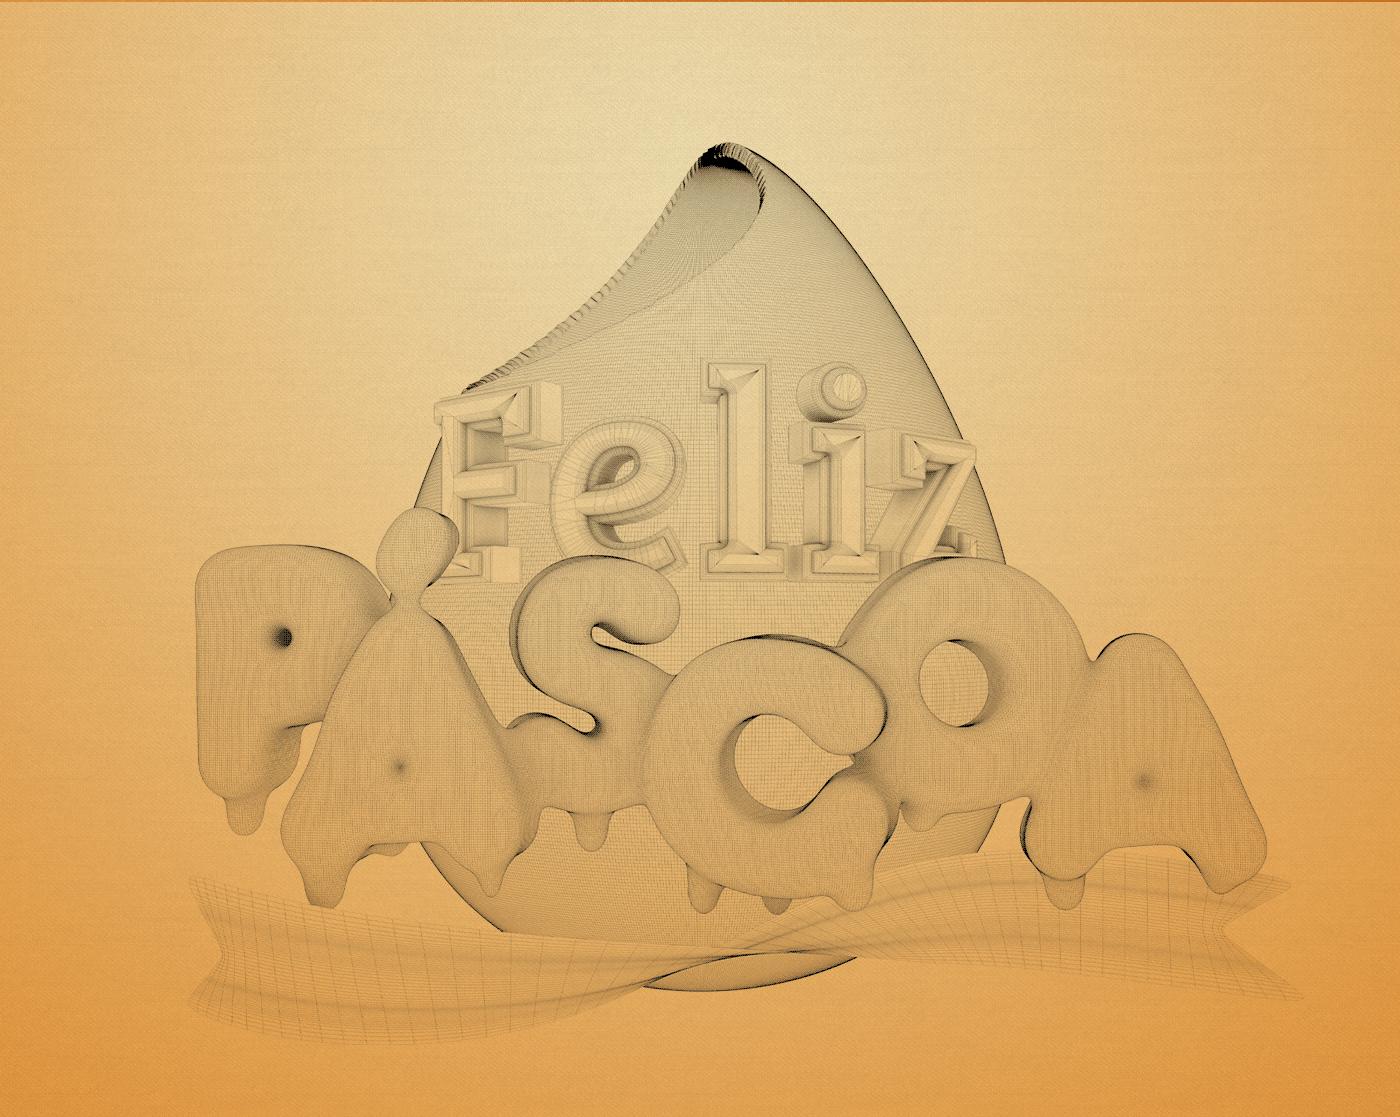 3D CHOCOLATE logo 3d ovo de páscoa páscoa selo 3d Selo 3D Chocolate selo 3d páscoa selo 3d varejo SELO DE PÁSCOA selo varejo